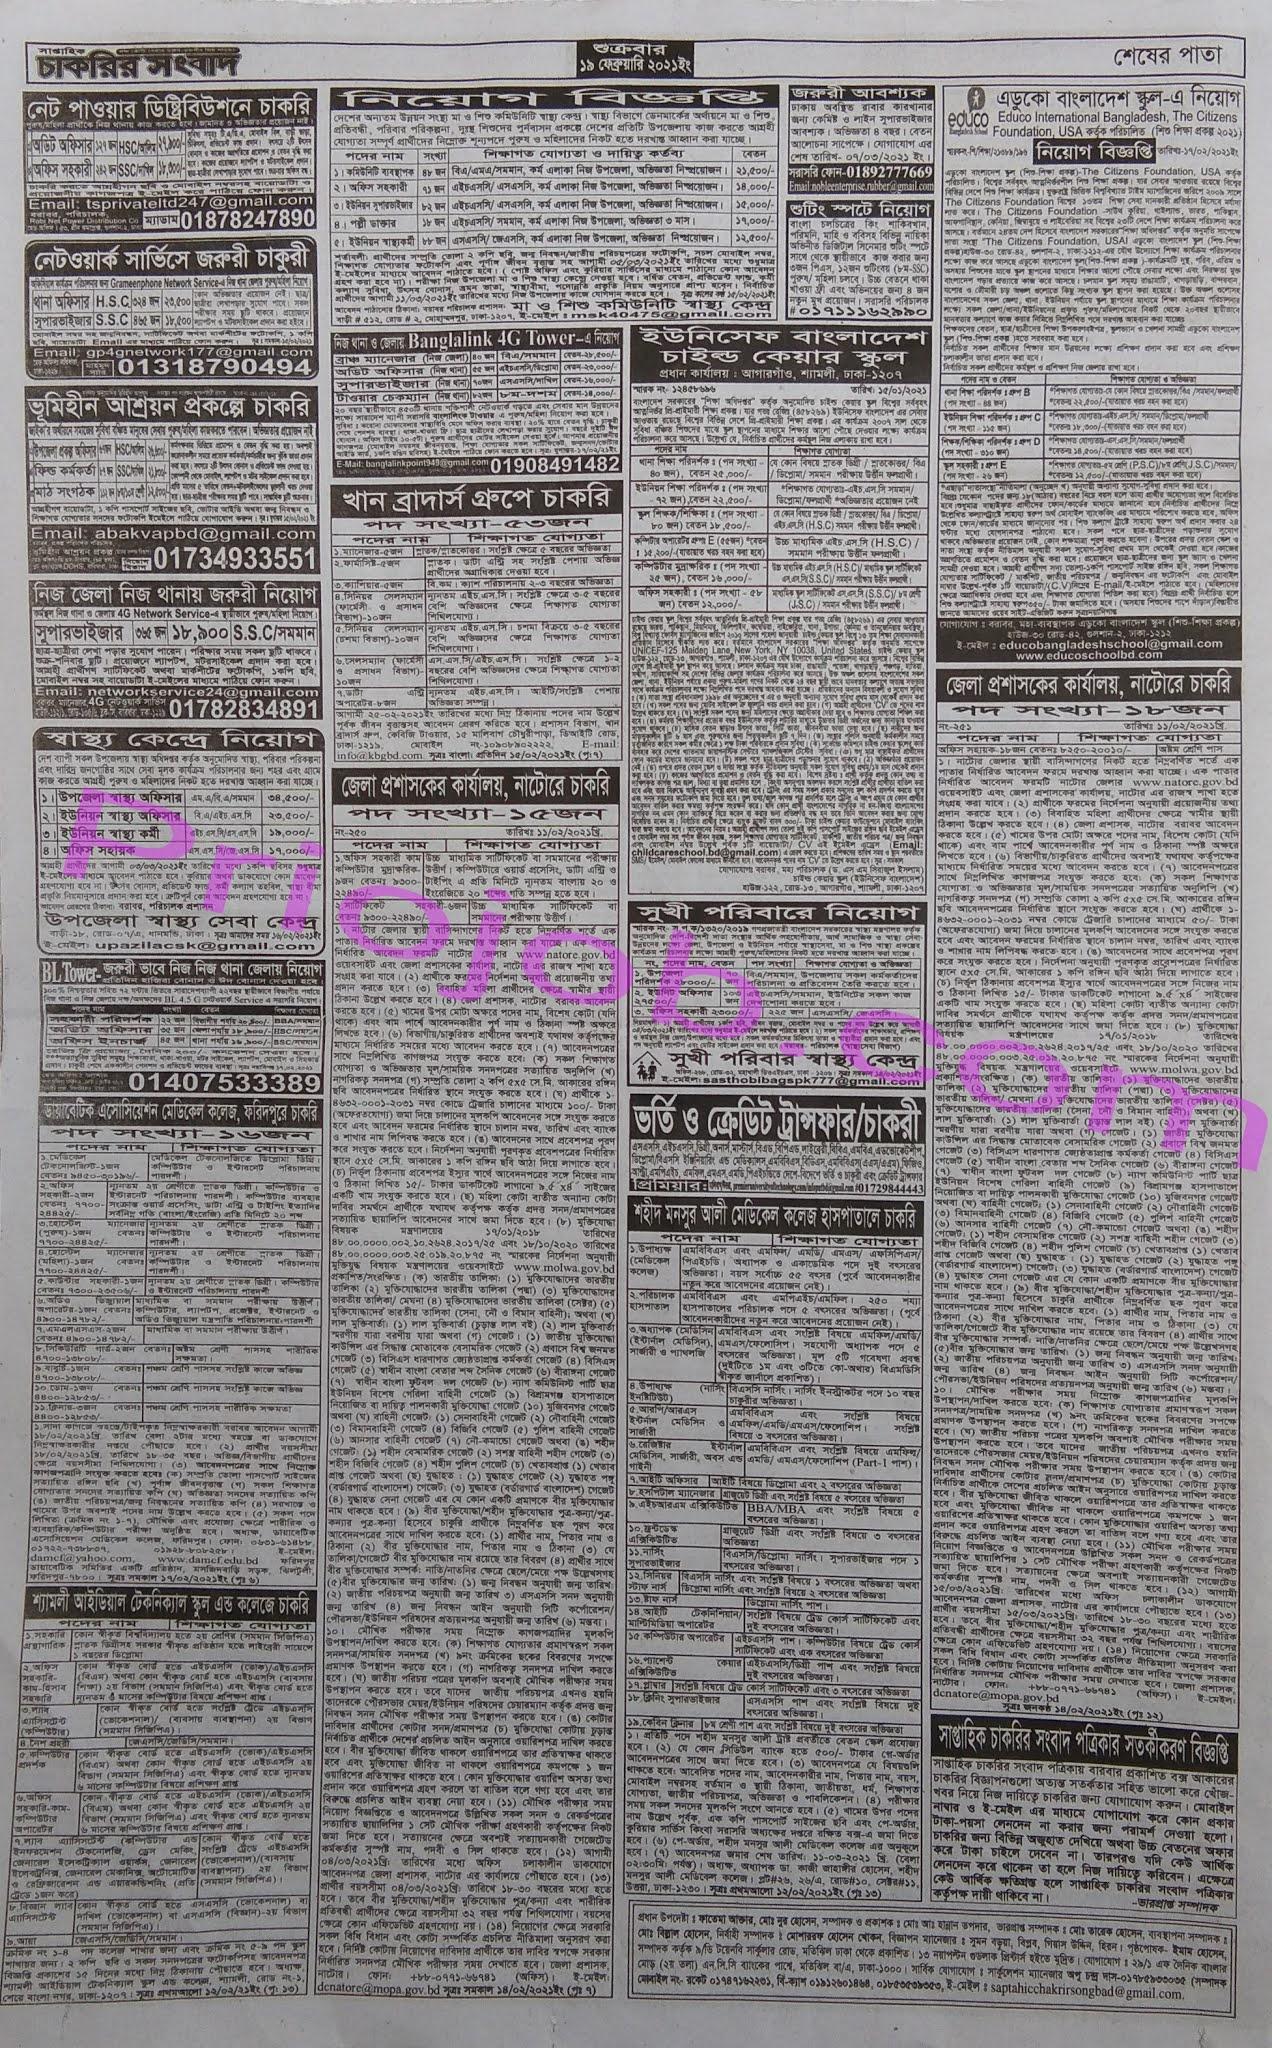 সাপ্তাহিক চাকরির সংবাদ পত্রিকা ১৯ ফেব্রুয়ারি ২০২১ - Saptahik Chakrir Songbad Potrika 19 February 2021